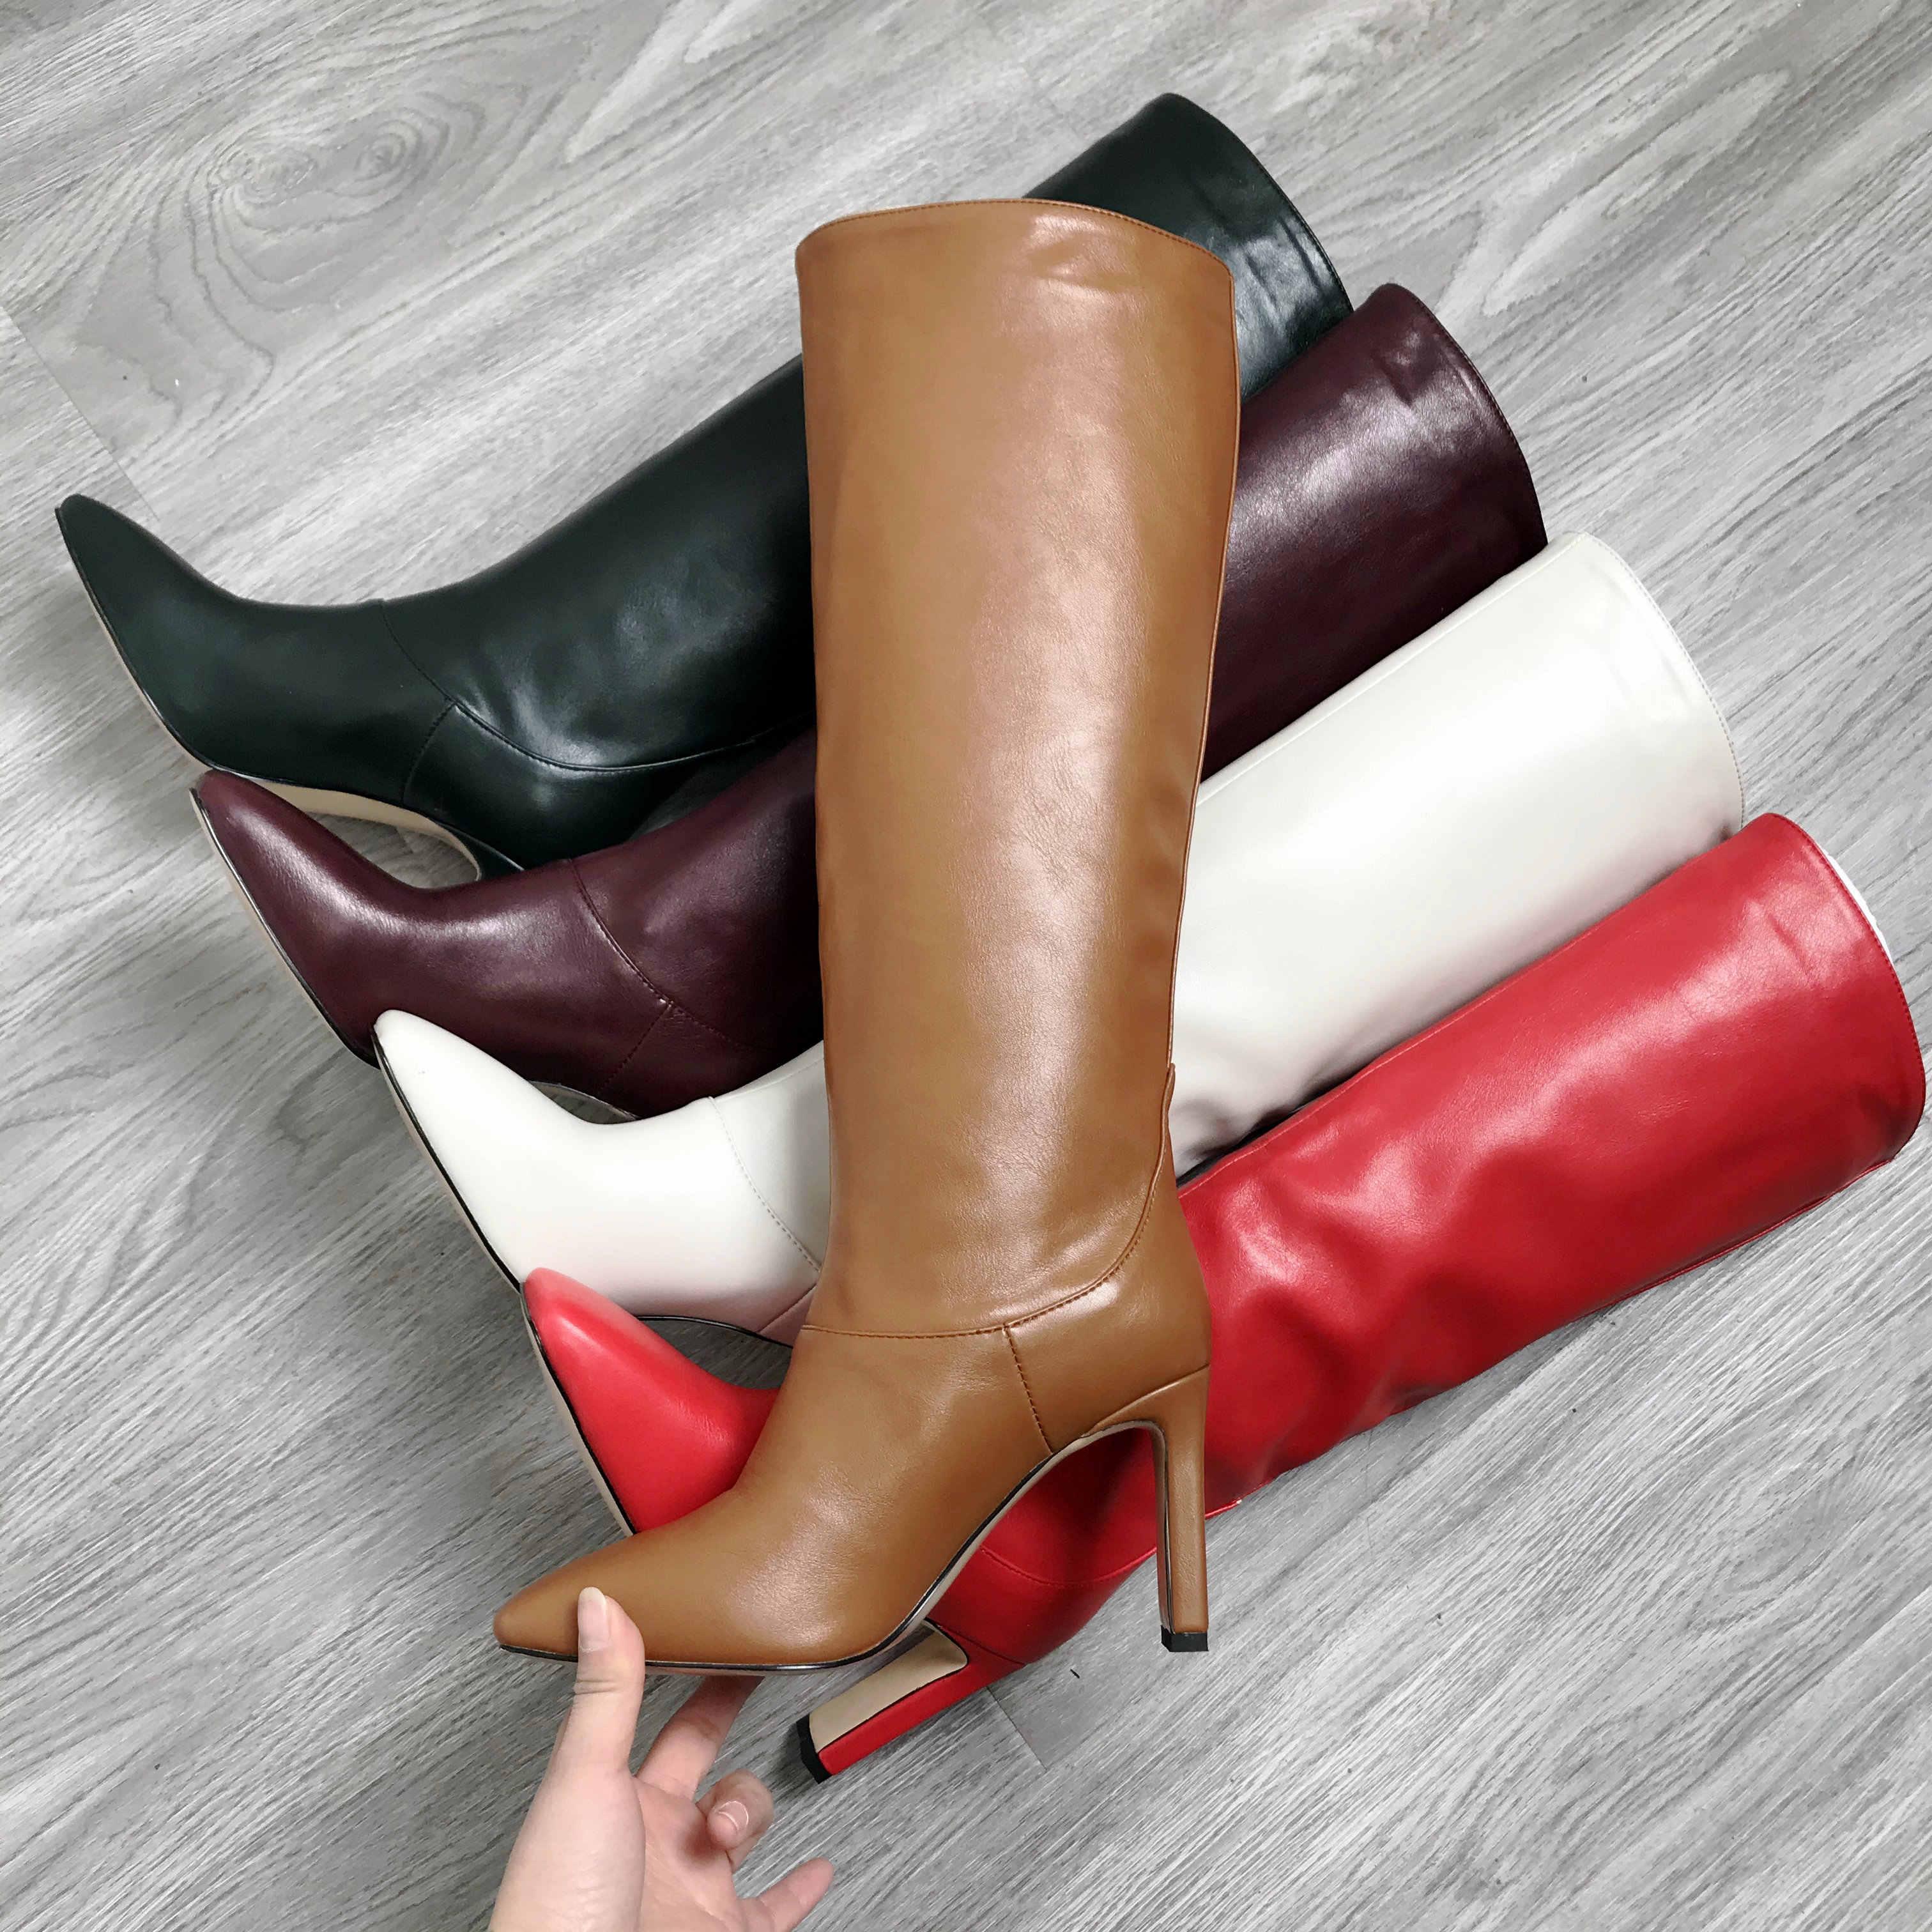 Band tasarımcı suni deri kadın diz yüksek çizmeler kare ayak çizmeler kadın uzun ince blok yüksek topuk çizmeler siyah bej sarı yeşil